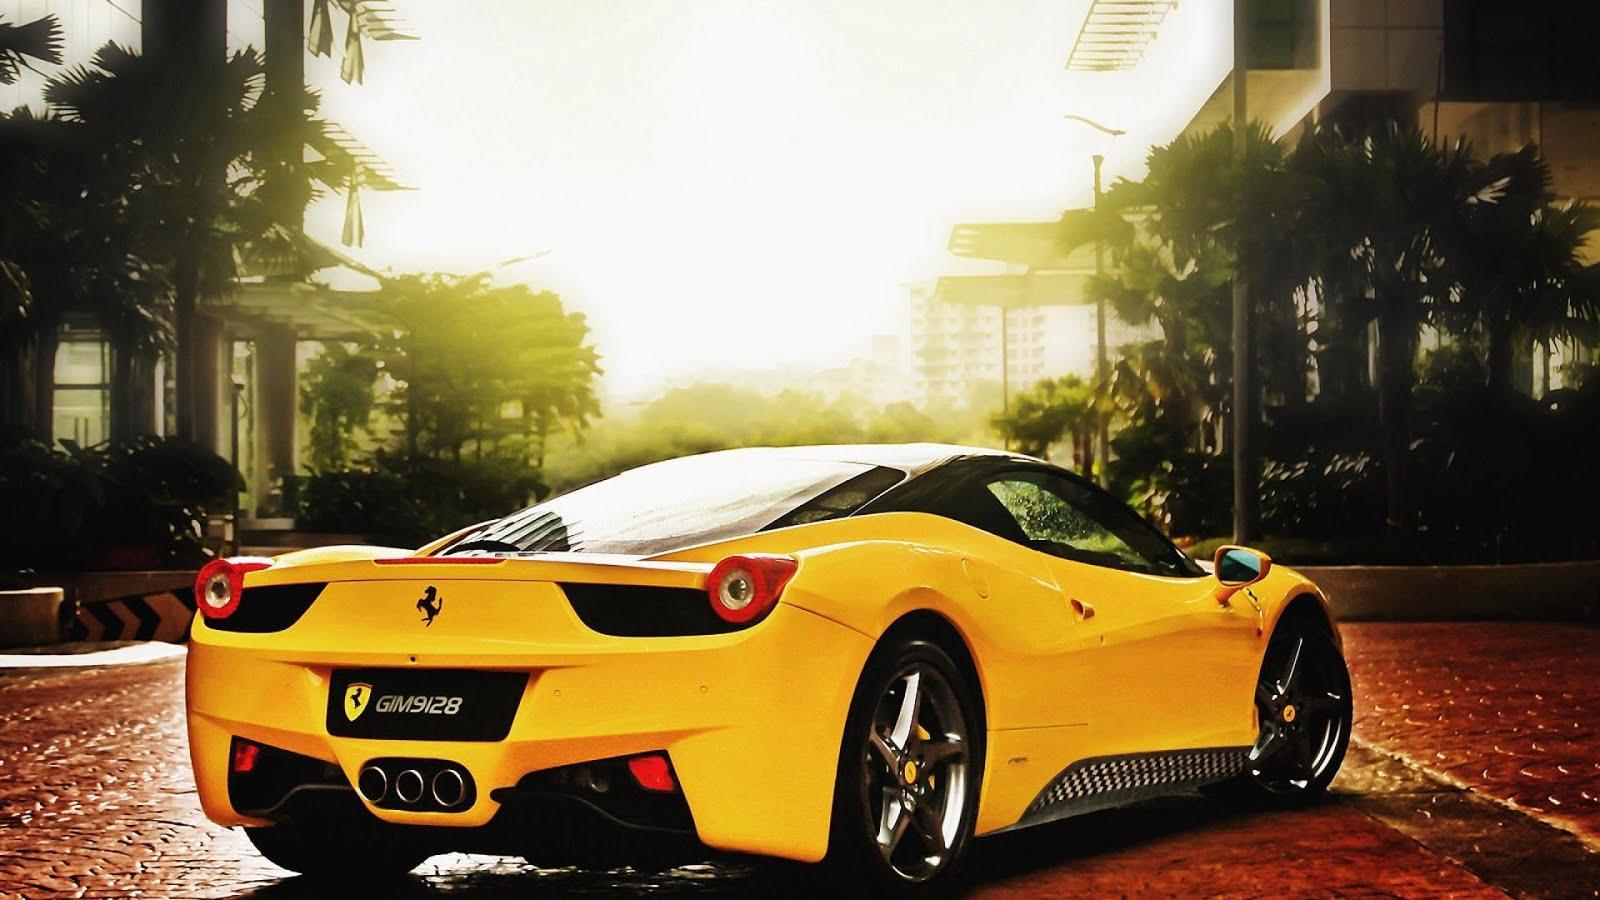 Ferrari Wallpaper Hd 1080P